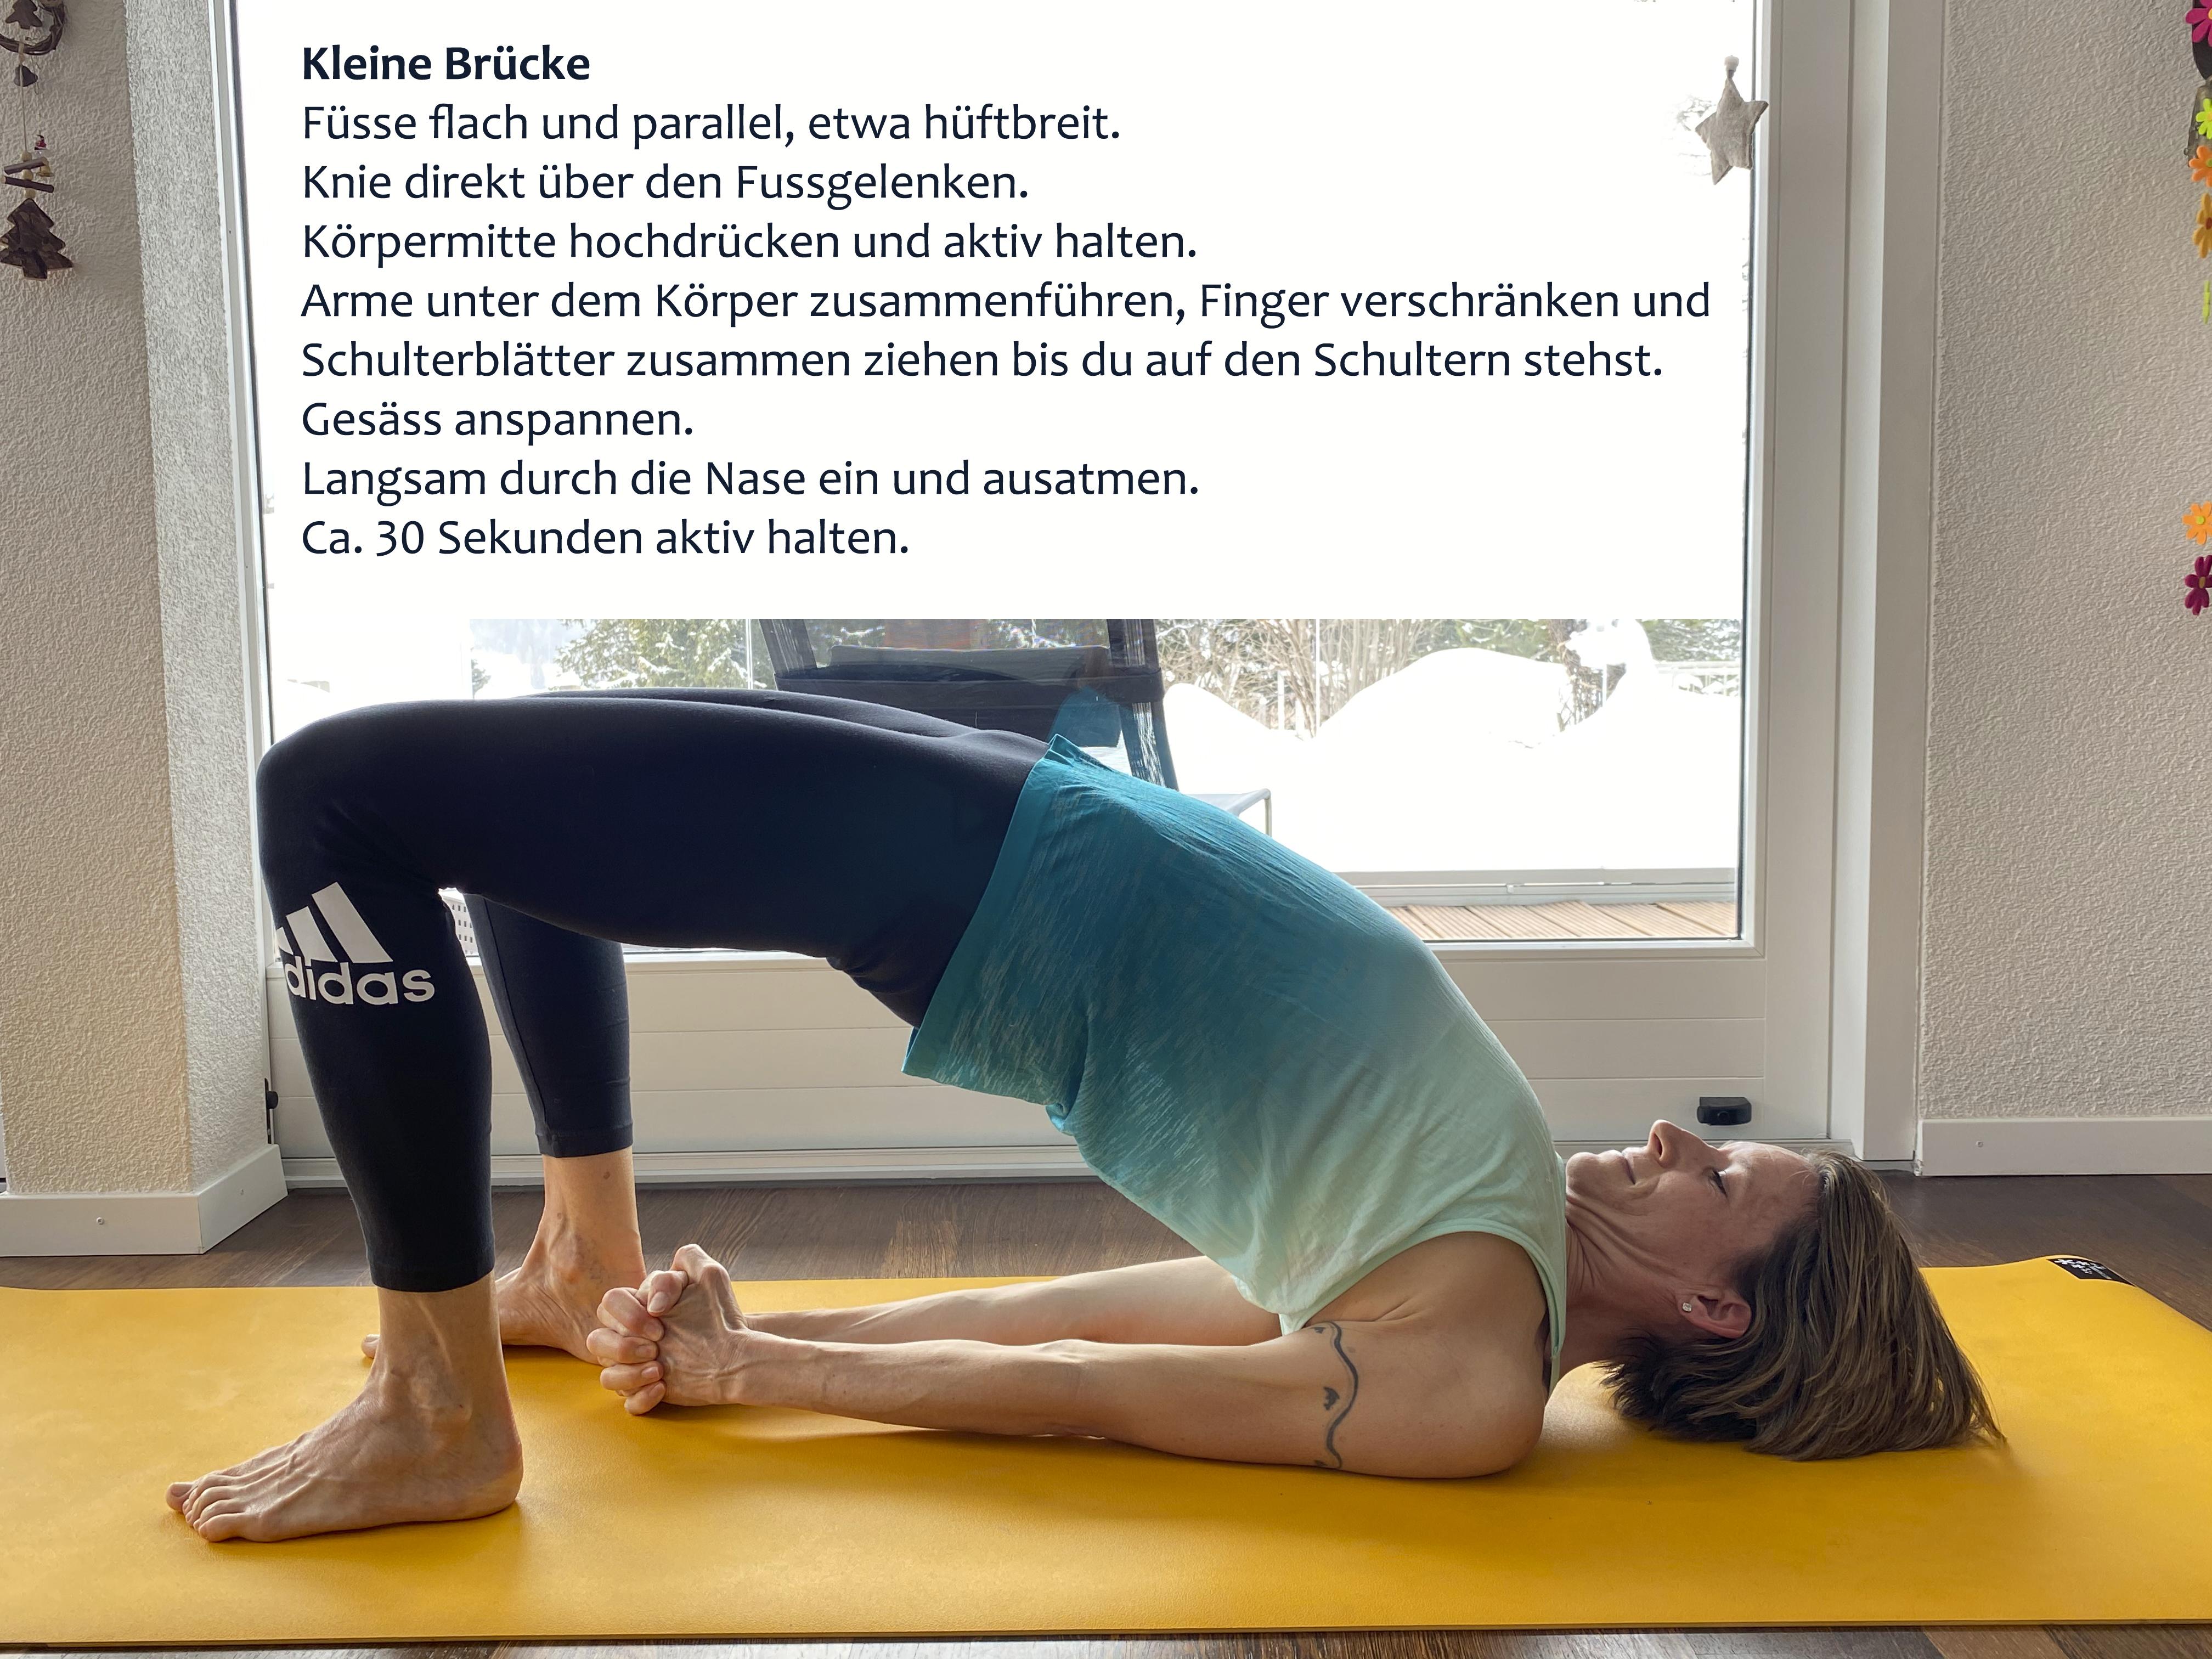 14_KleineBrckejpg